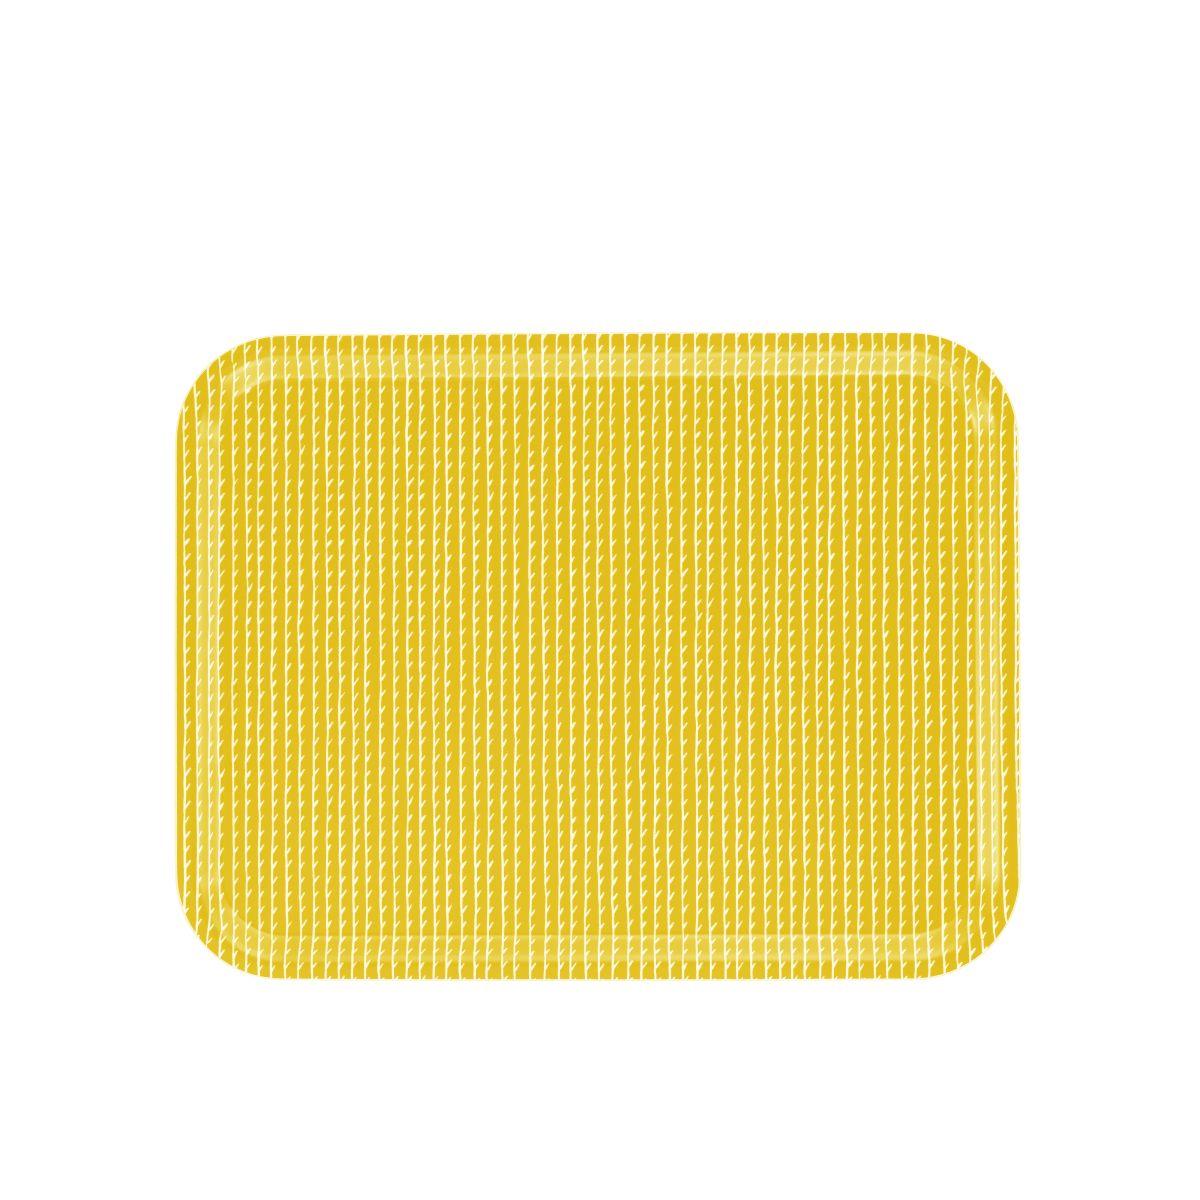 Rivi-Tray-yellow_white-large_F_web-3869485